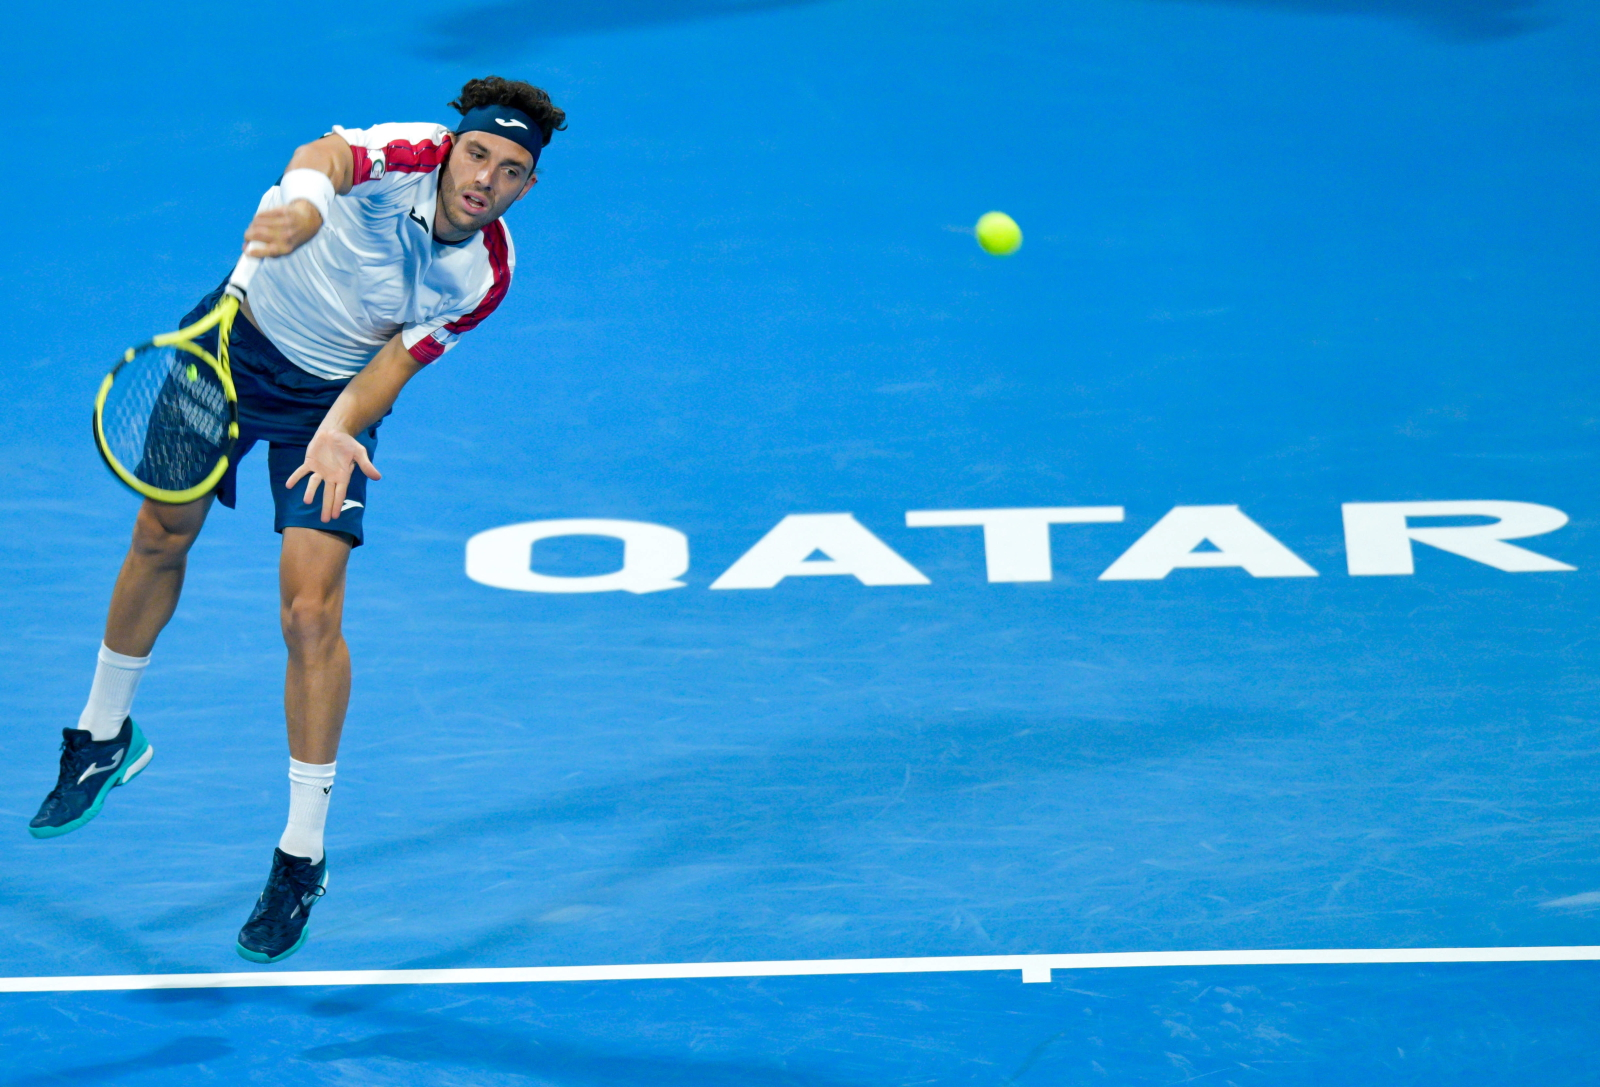 Włoch Marco Cecchinato w akcji przeciwko Tomasowi Berdyczowi z Czech podczas półfinałowego meczu turnieju ATP Qatar Open Tennis w Doha, Katar.  Fot. PAP/EPA/NOUSHAD THEKKAYIL